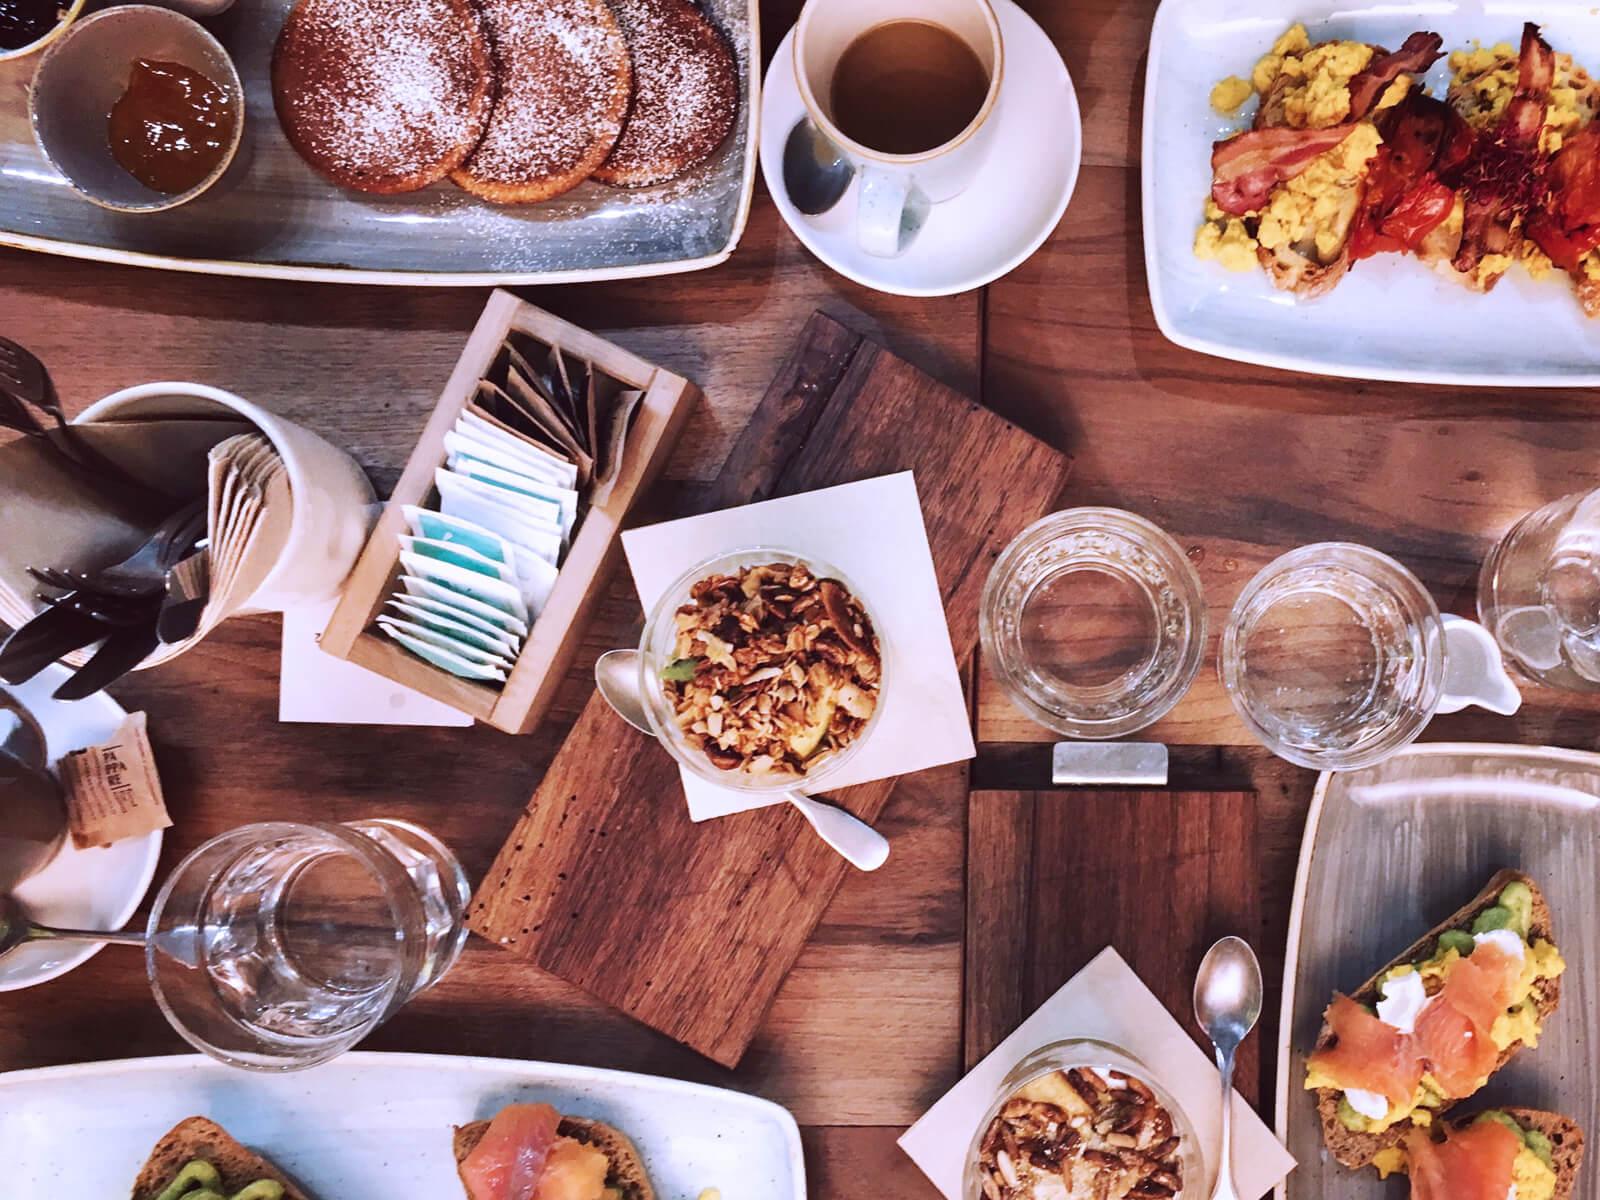 0af3c45d83 Io vi consiglio poi caldamente di accompagnare il brunch con il loro caffè  americano, in assoluto il più buono a Bologna (non a caso la miscela è  stata ...